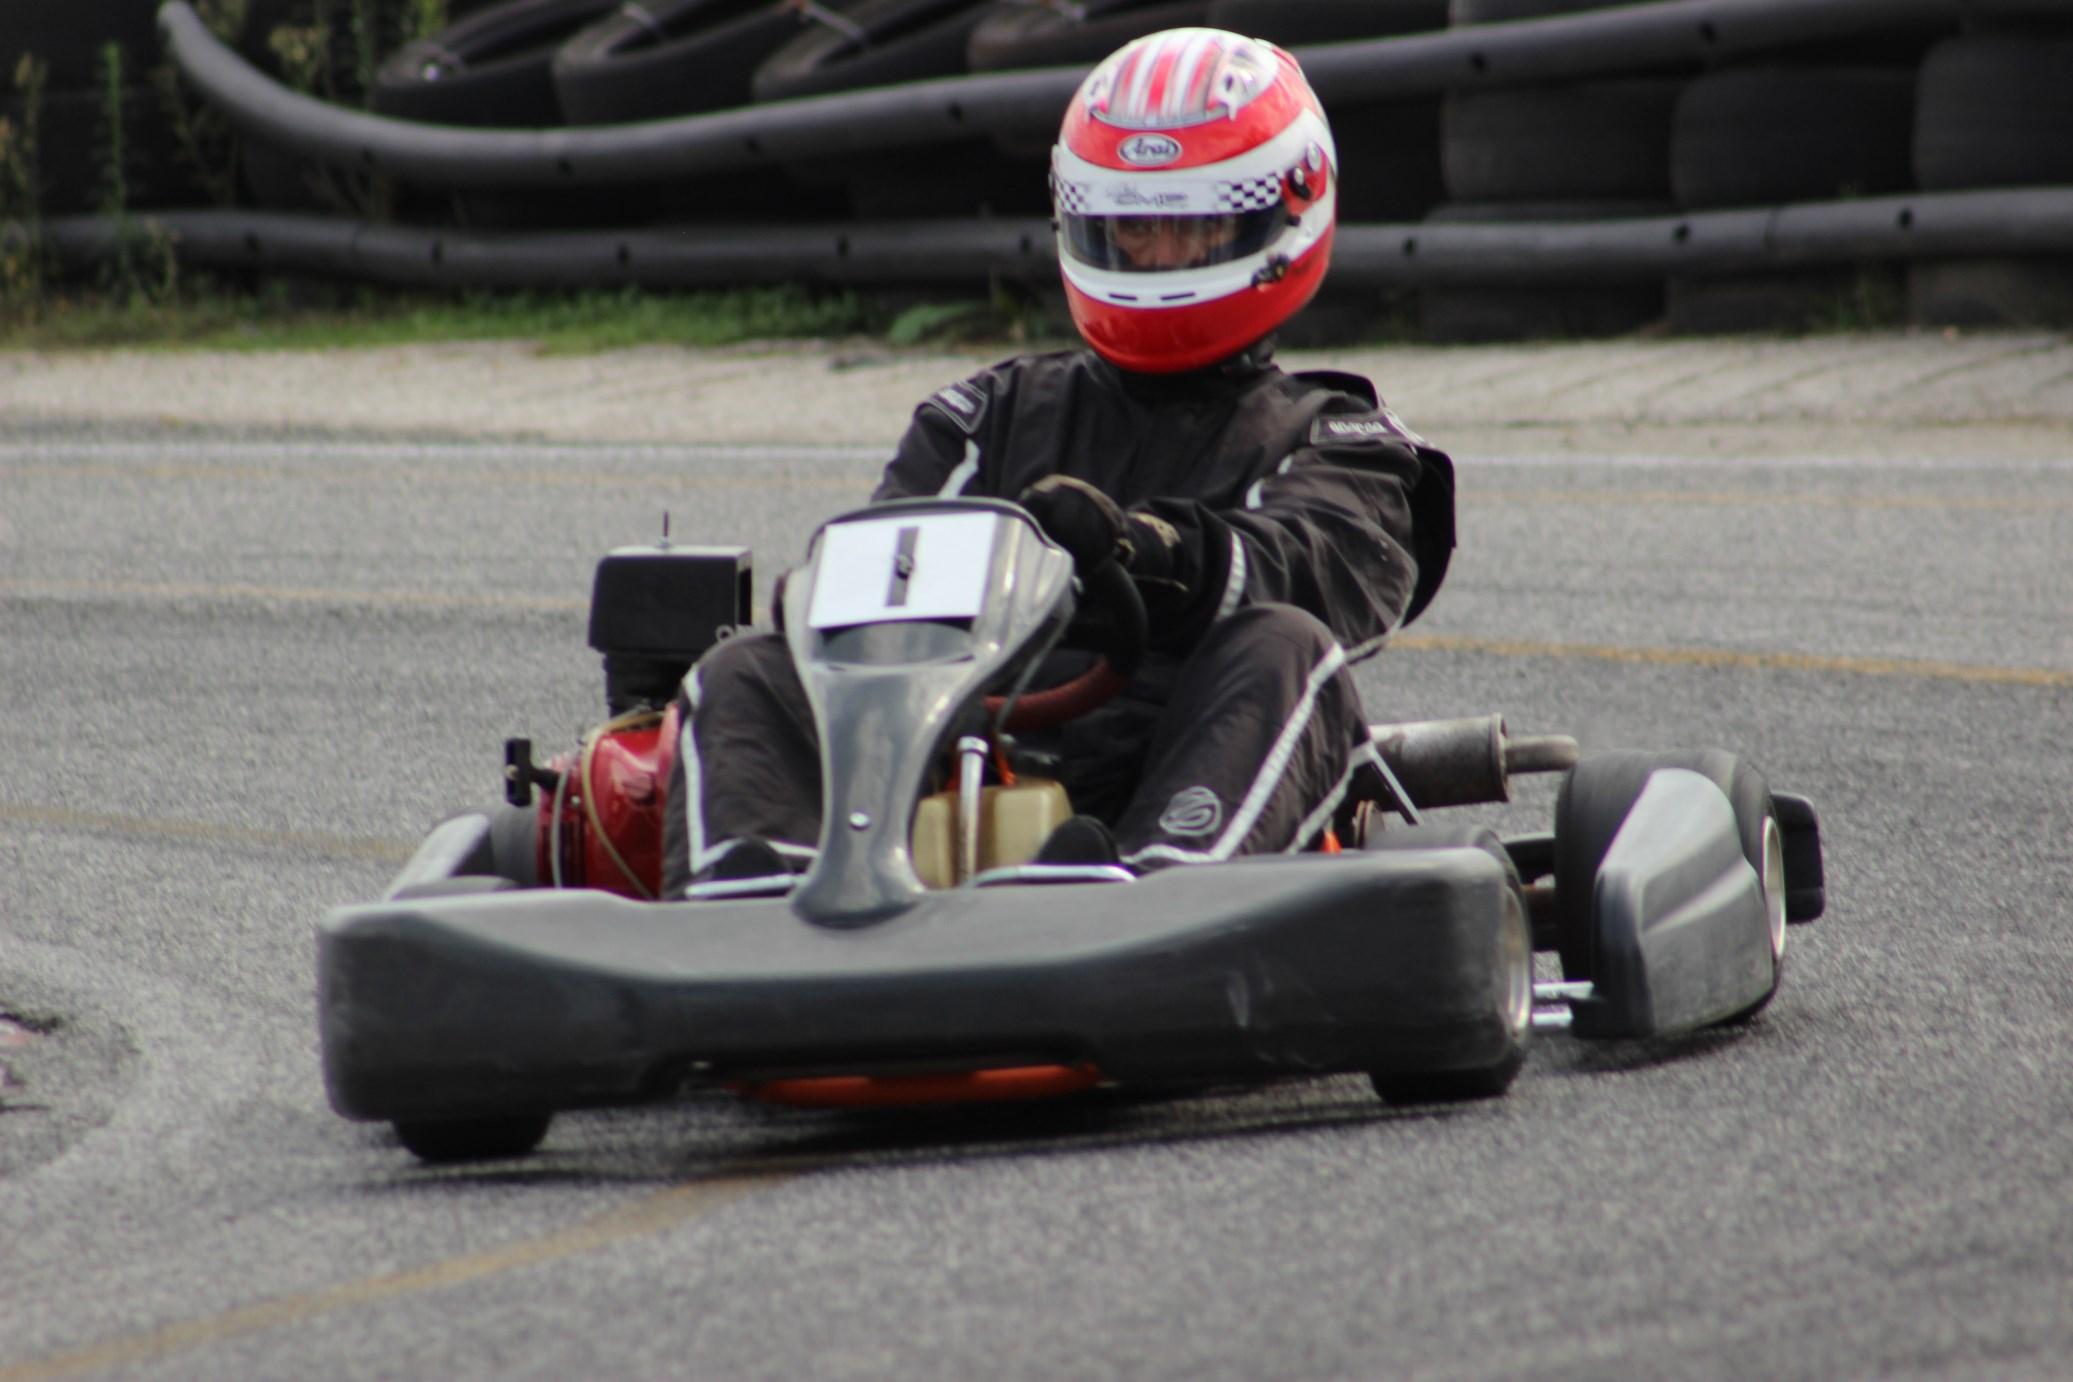 Troféu Honda 2014 - 3ª Prova217